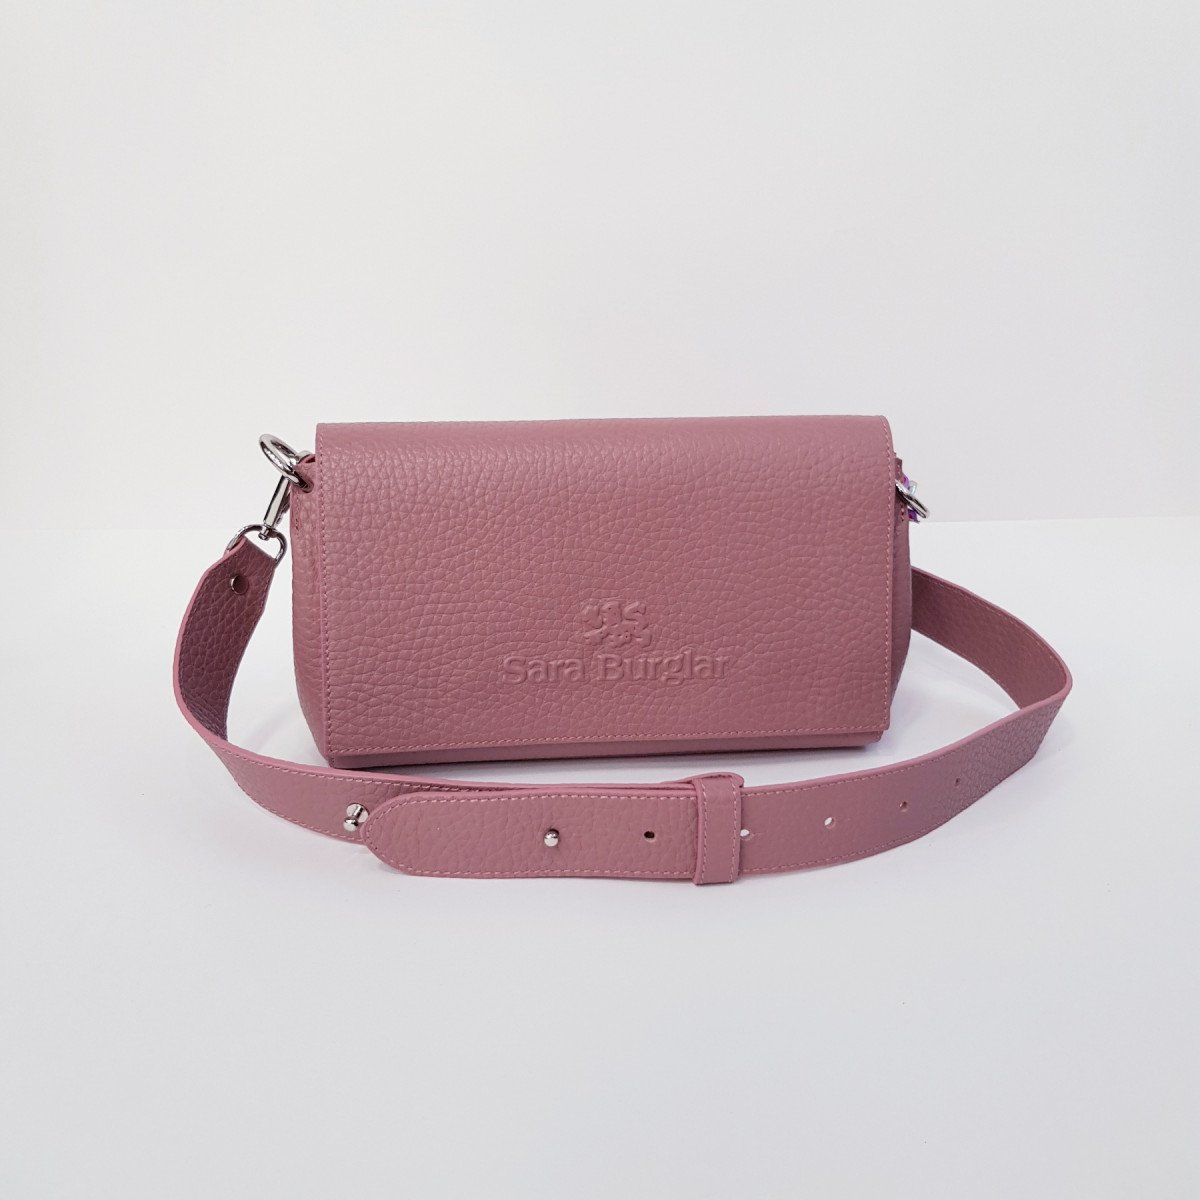 Женская кожаная сумка Sara Burglar A0W0Q1131 ROSA из натуральной кожи